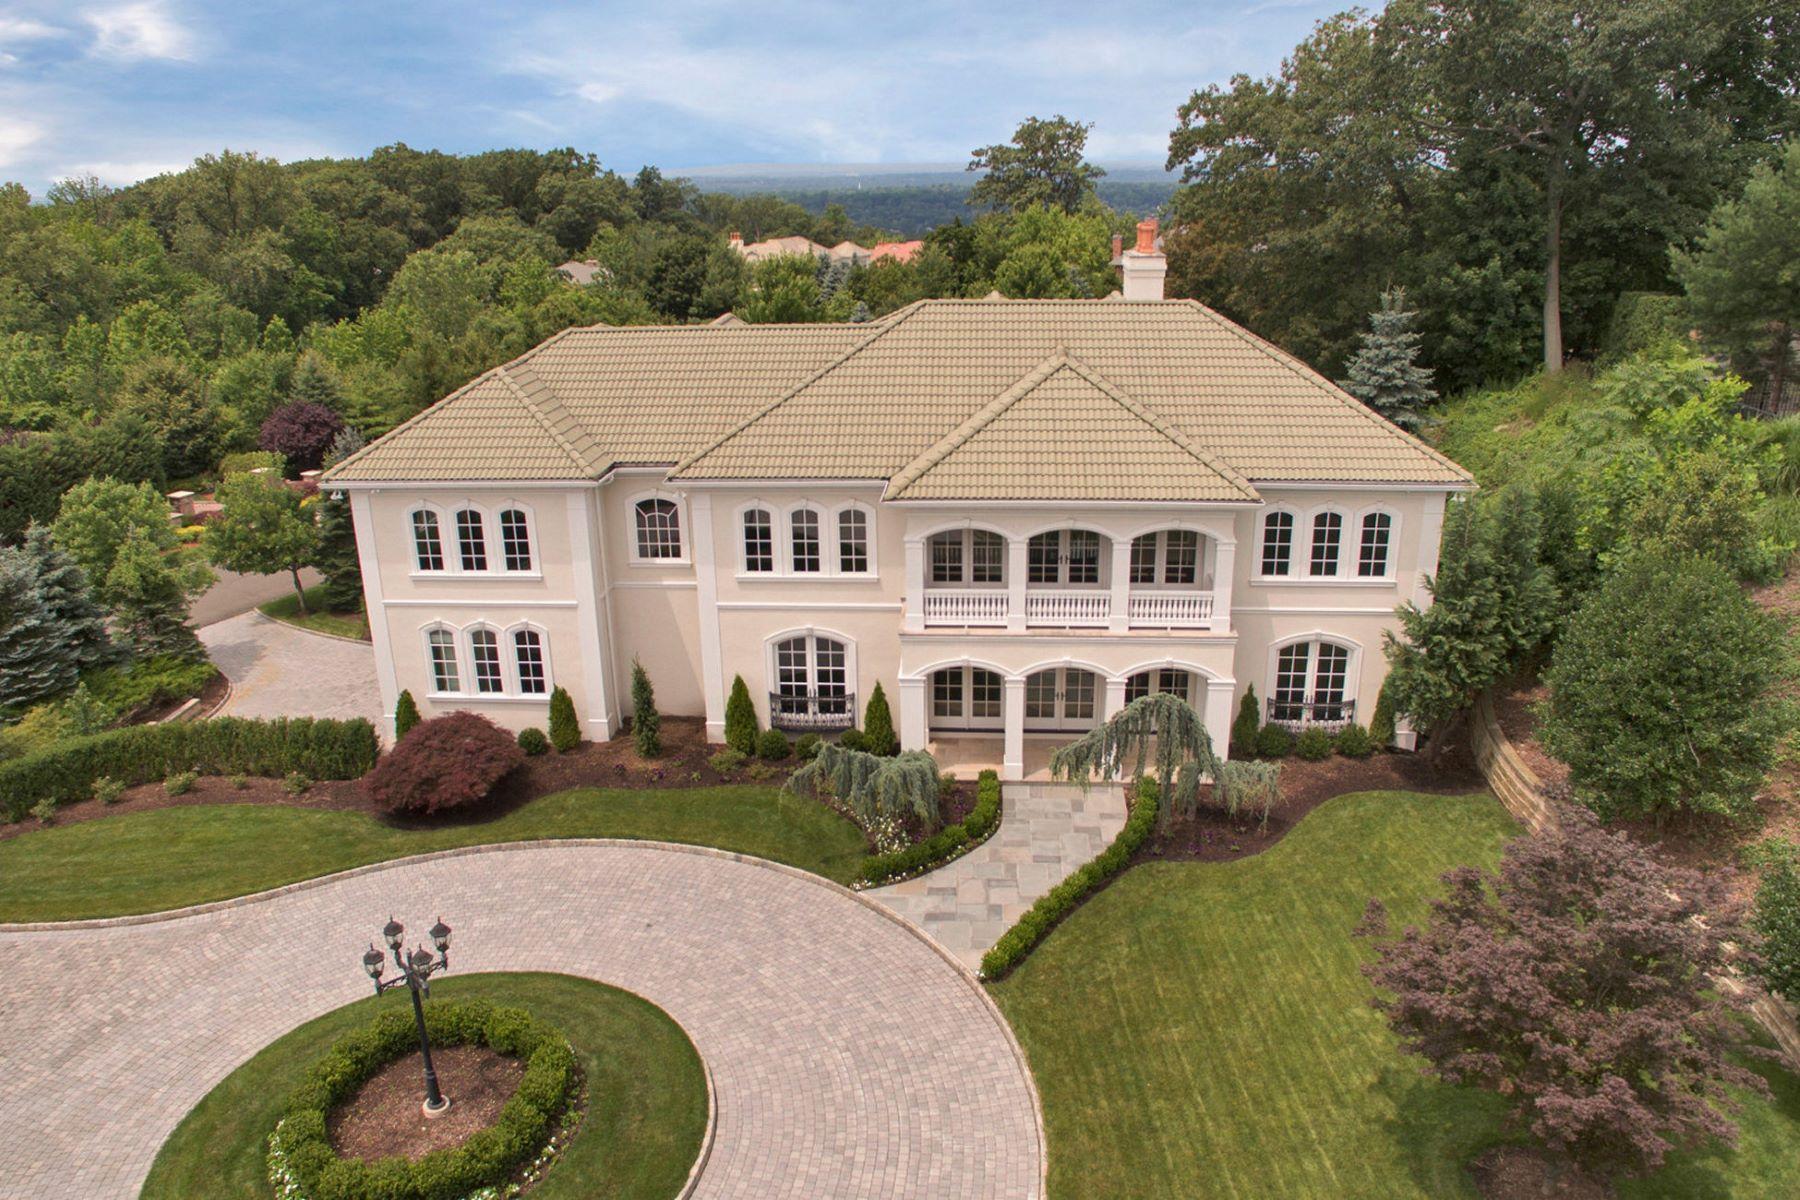 Частный односемейный дом для того Продажа на Mediterranean Style 187 Vaccaro Dr. Cresskill, Нью-Джерси, 07626 Соединенные Штаты